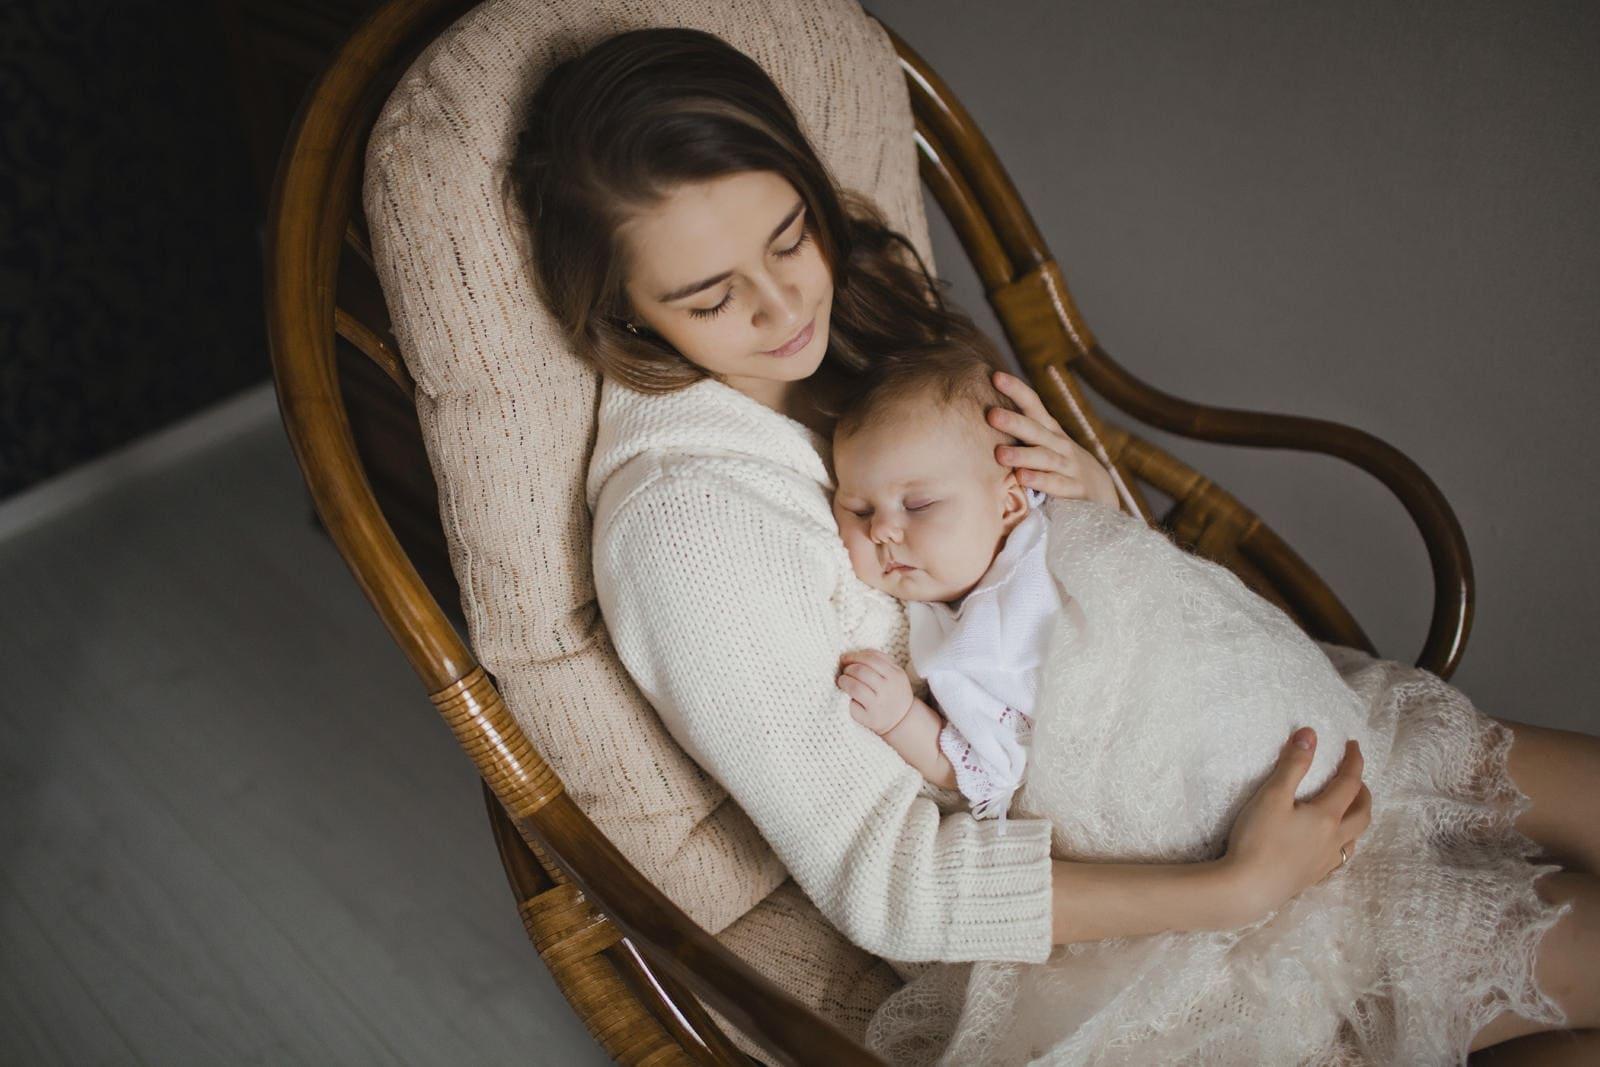 Продолжительность ночного сна у новорожденного